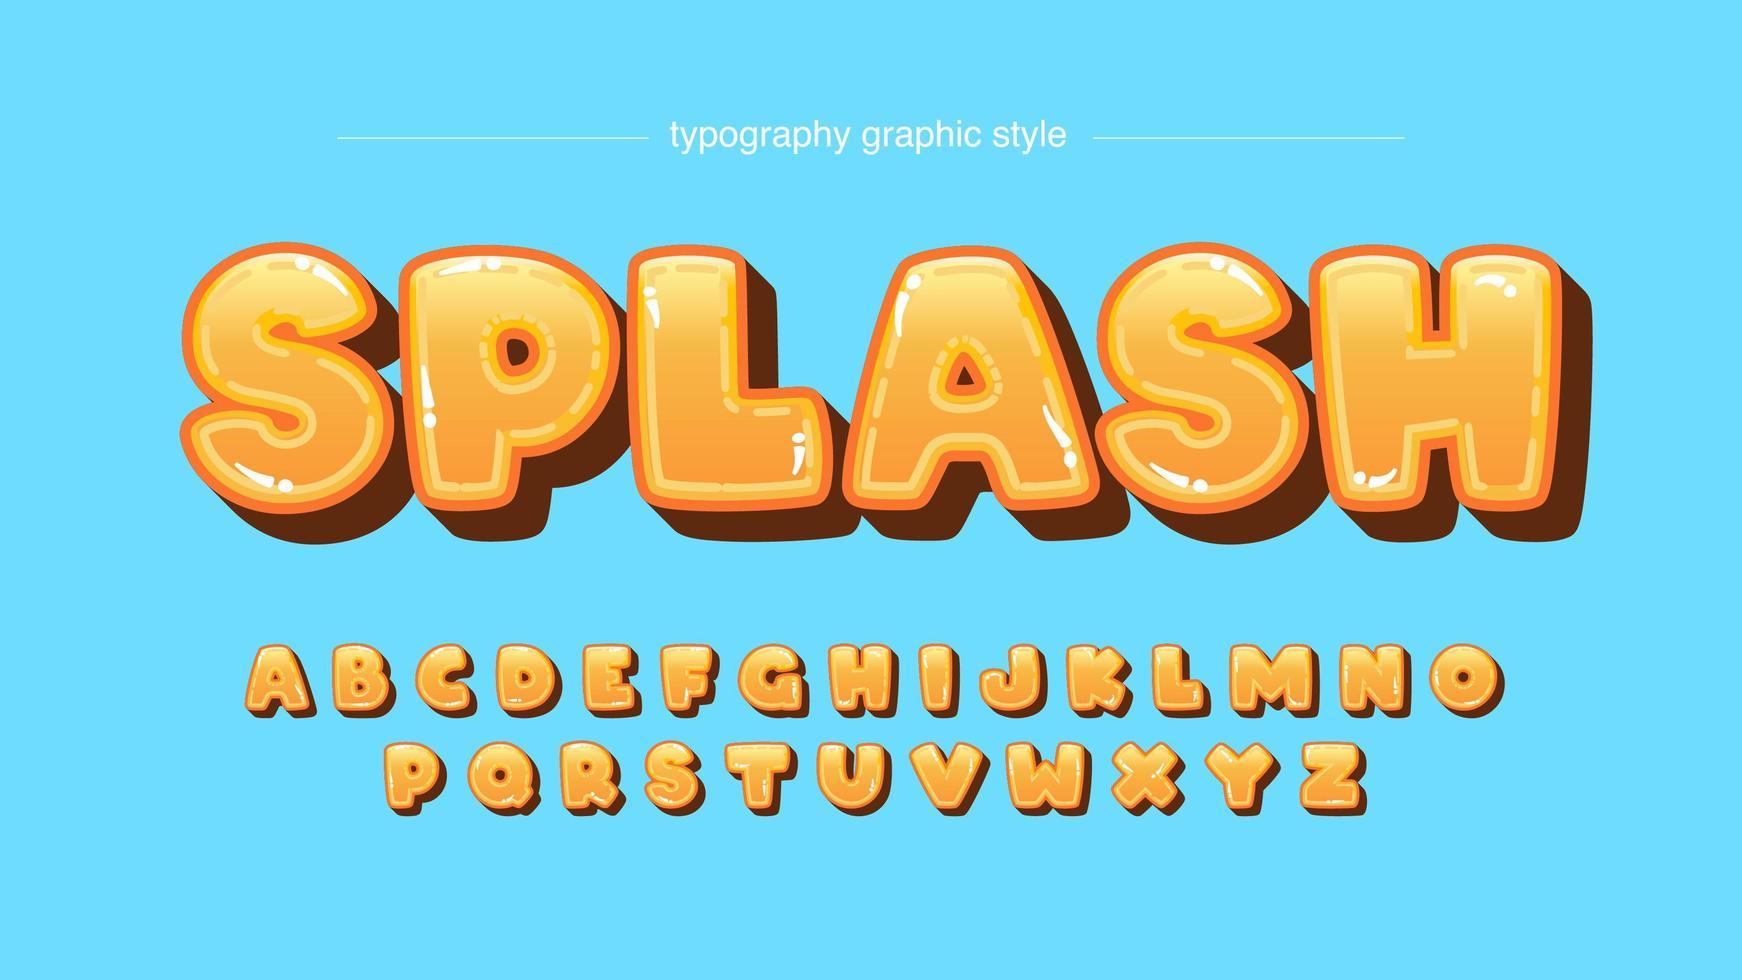 typographie caricaturale arrondie bulle orange brillant vecteur